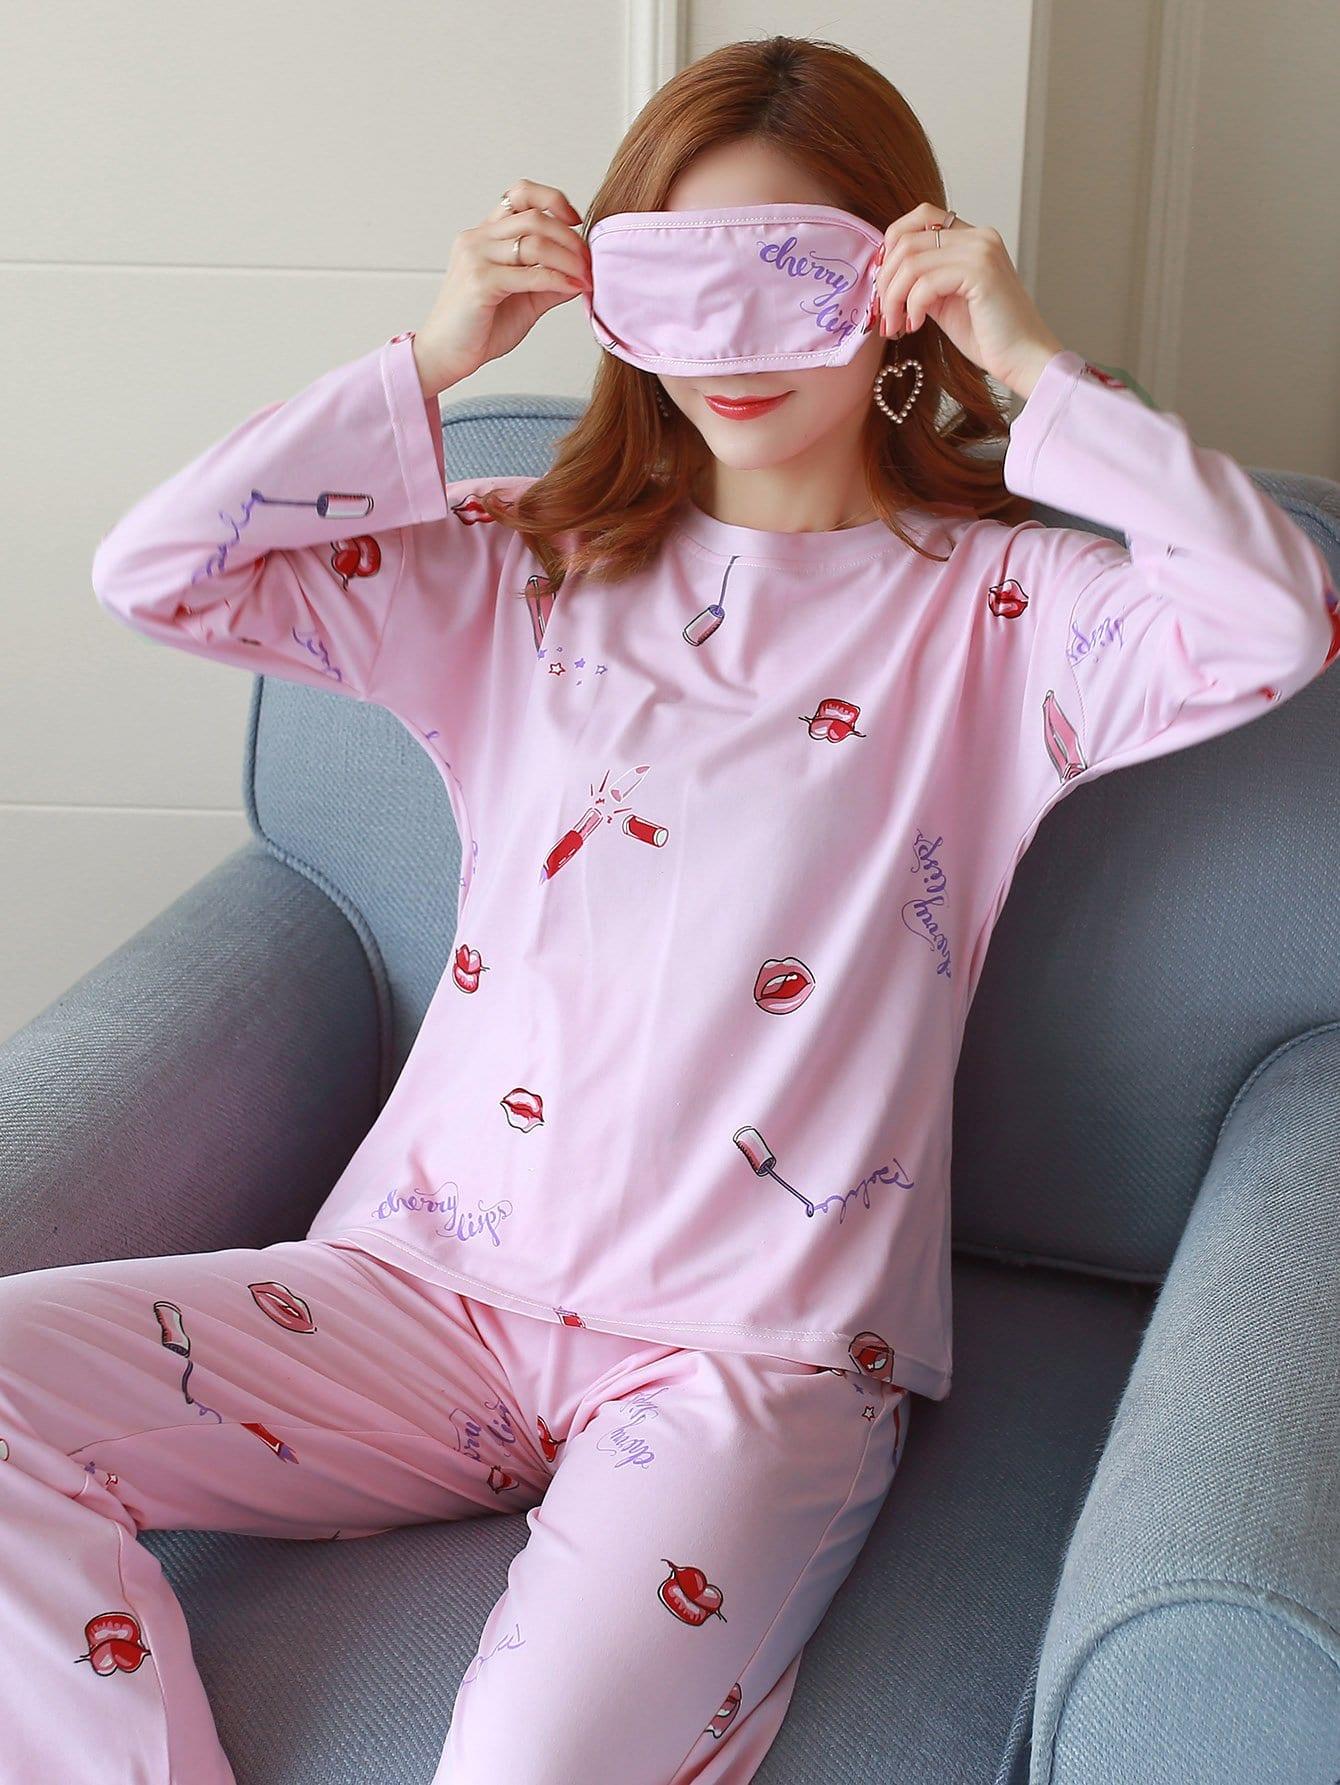 Cosmétiques Impression De Pyjama Set Avec Masque Pour Les Yeux